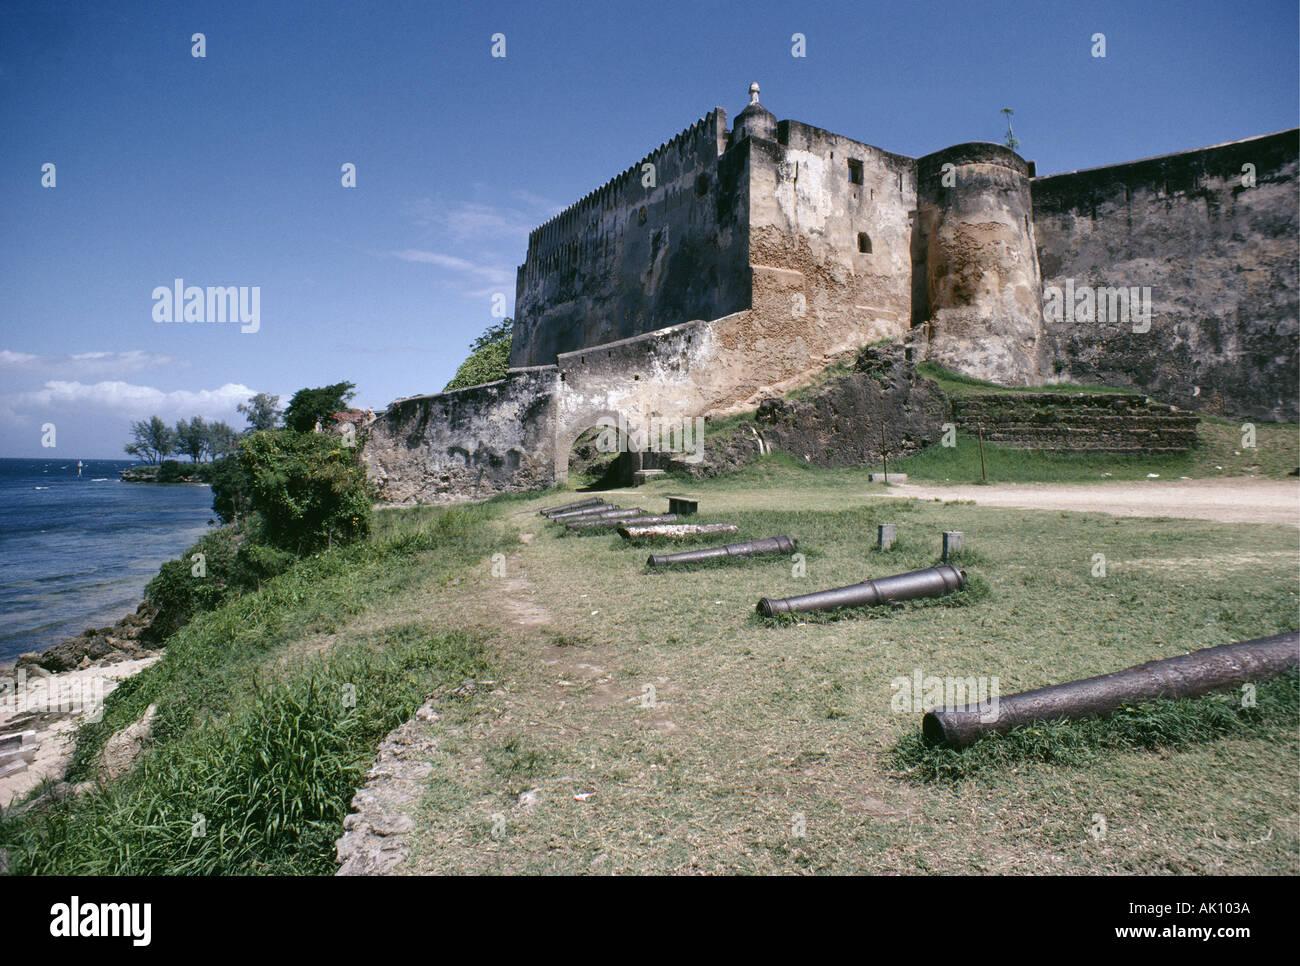 Fort Jesus Mombasa Kenia Ostafrika abgeschlossen von den Portugiesen im Jahre 1598 die Festung ist heute ein National-Museum Stockbild